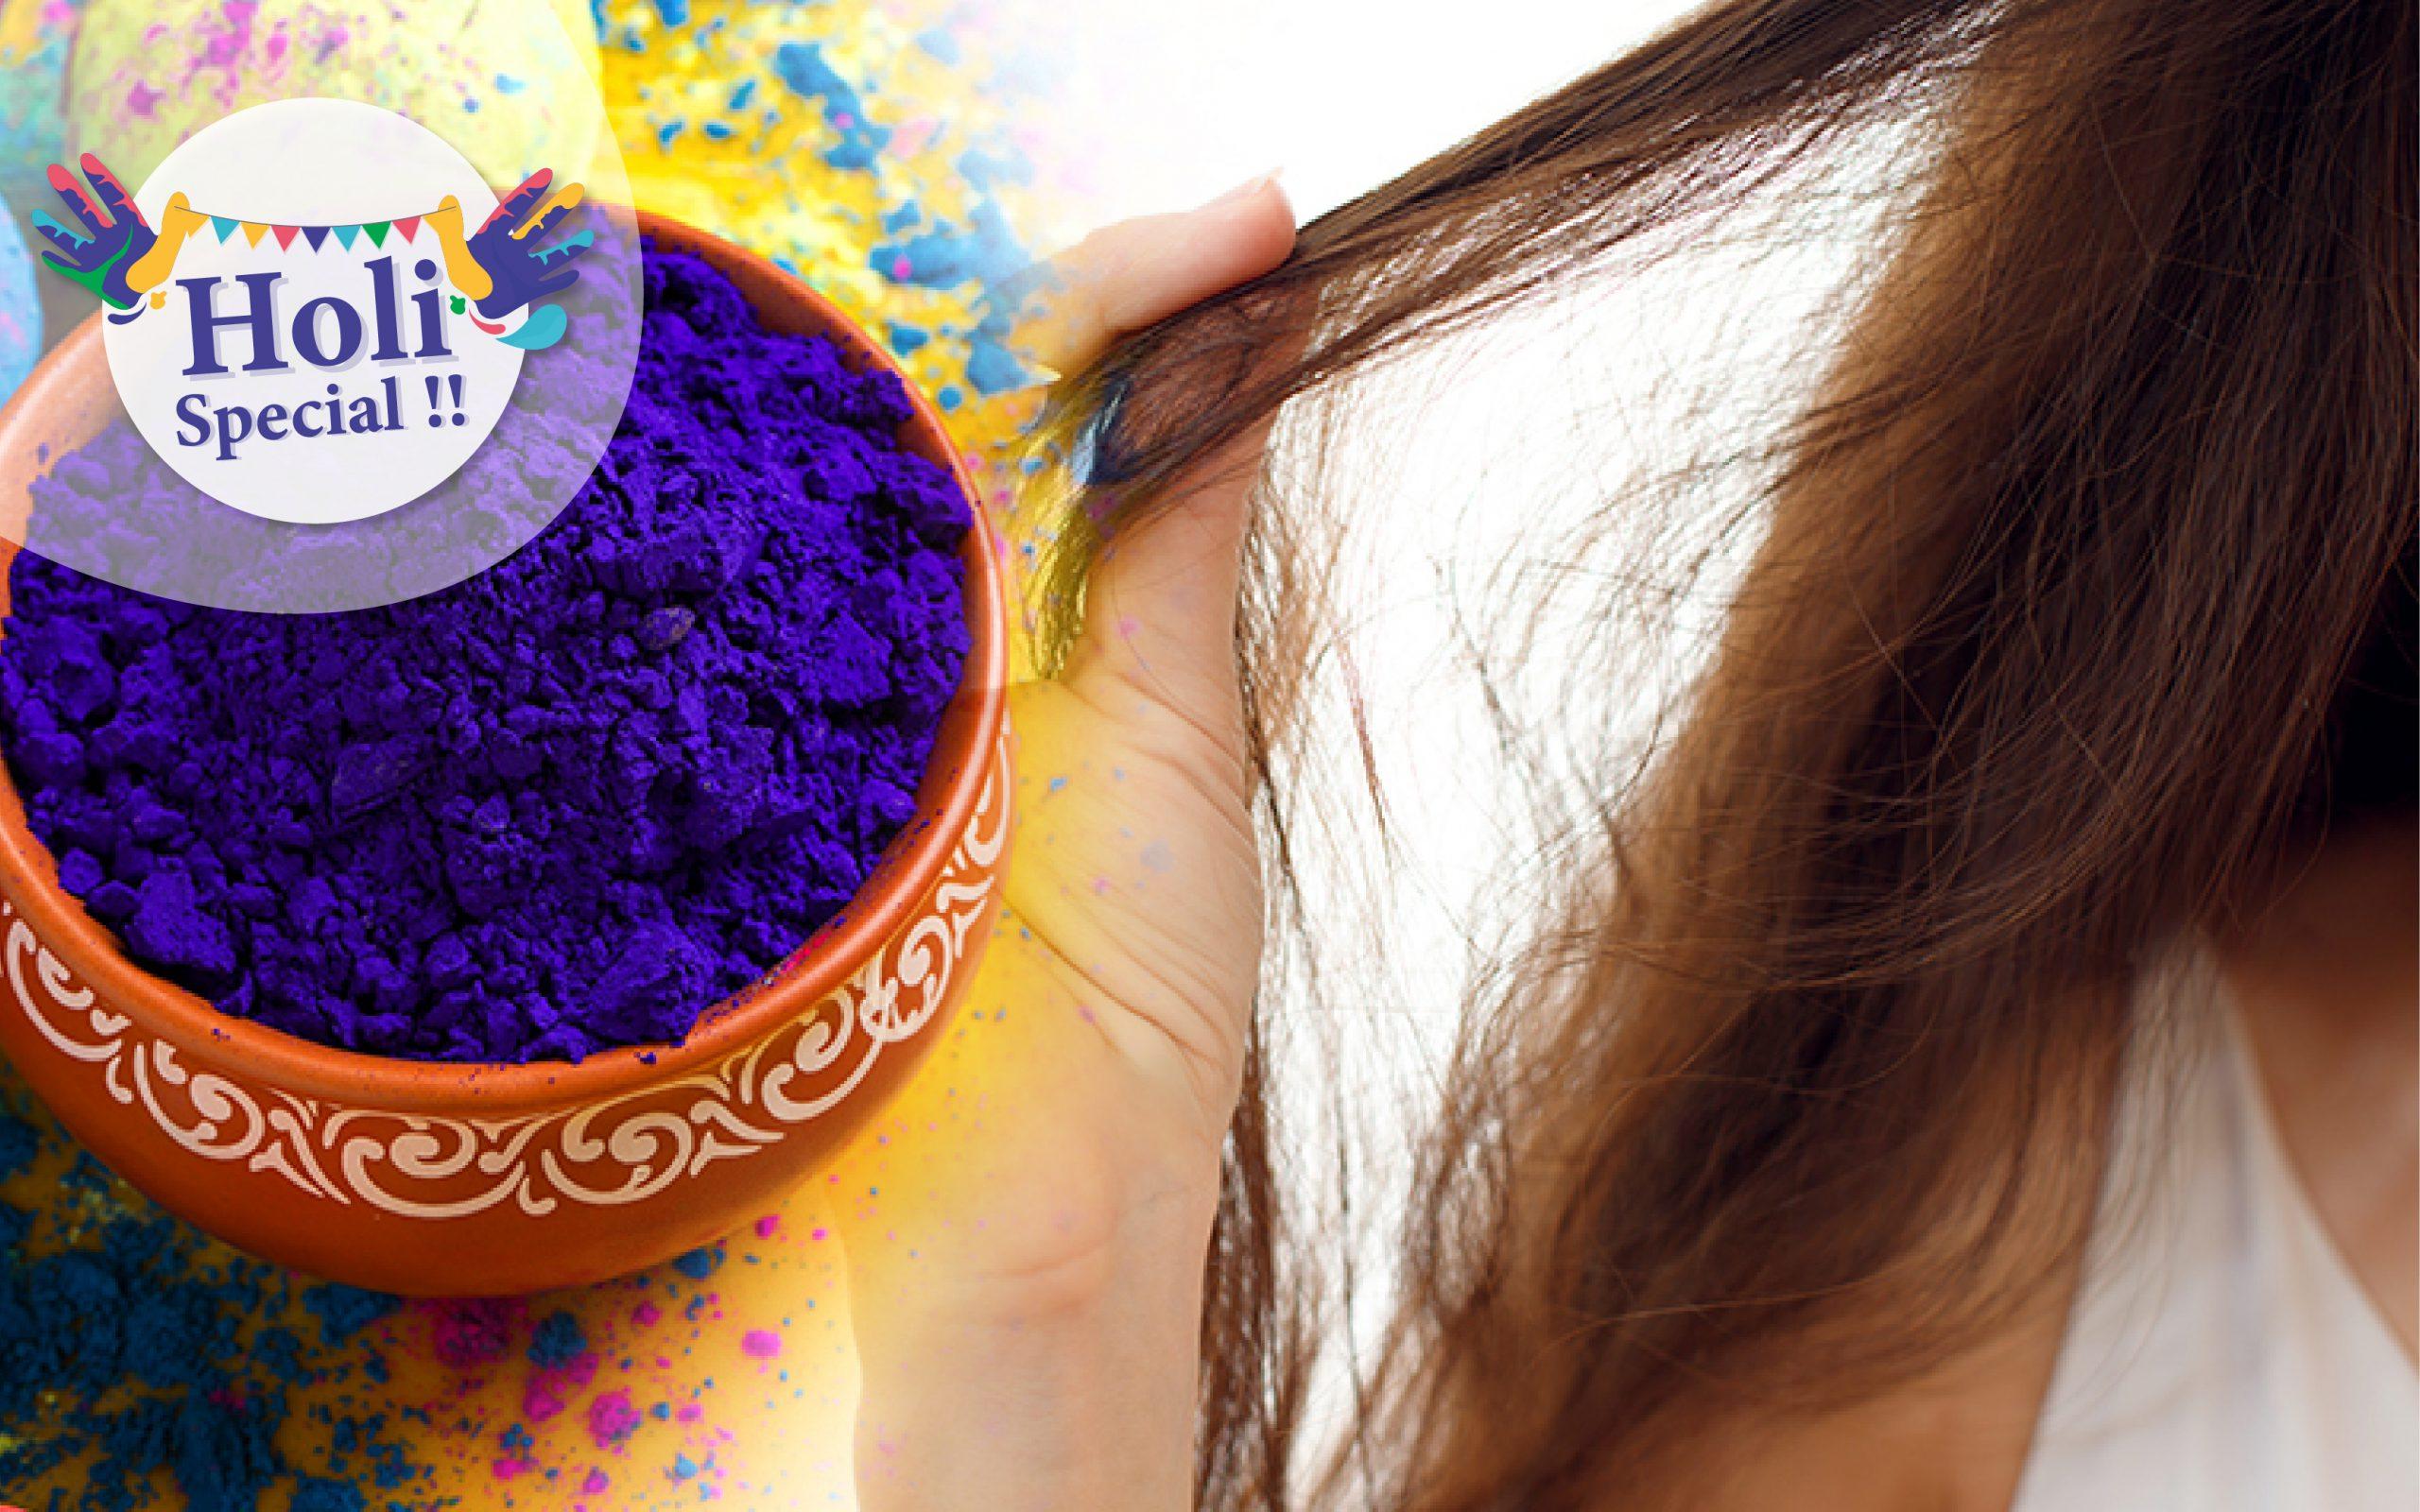 Holi hair care tips: होली पर बालों की देखभाल कैसे करें? जानिए 5 आसान उपाय